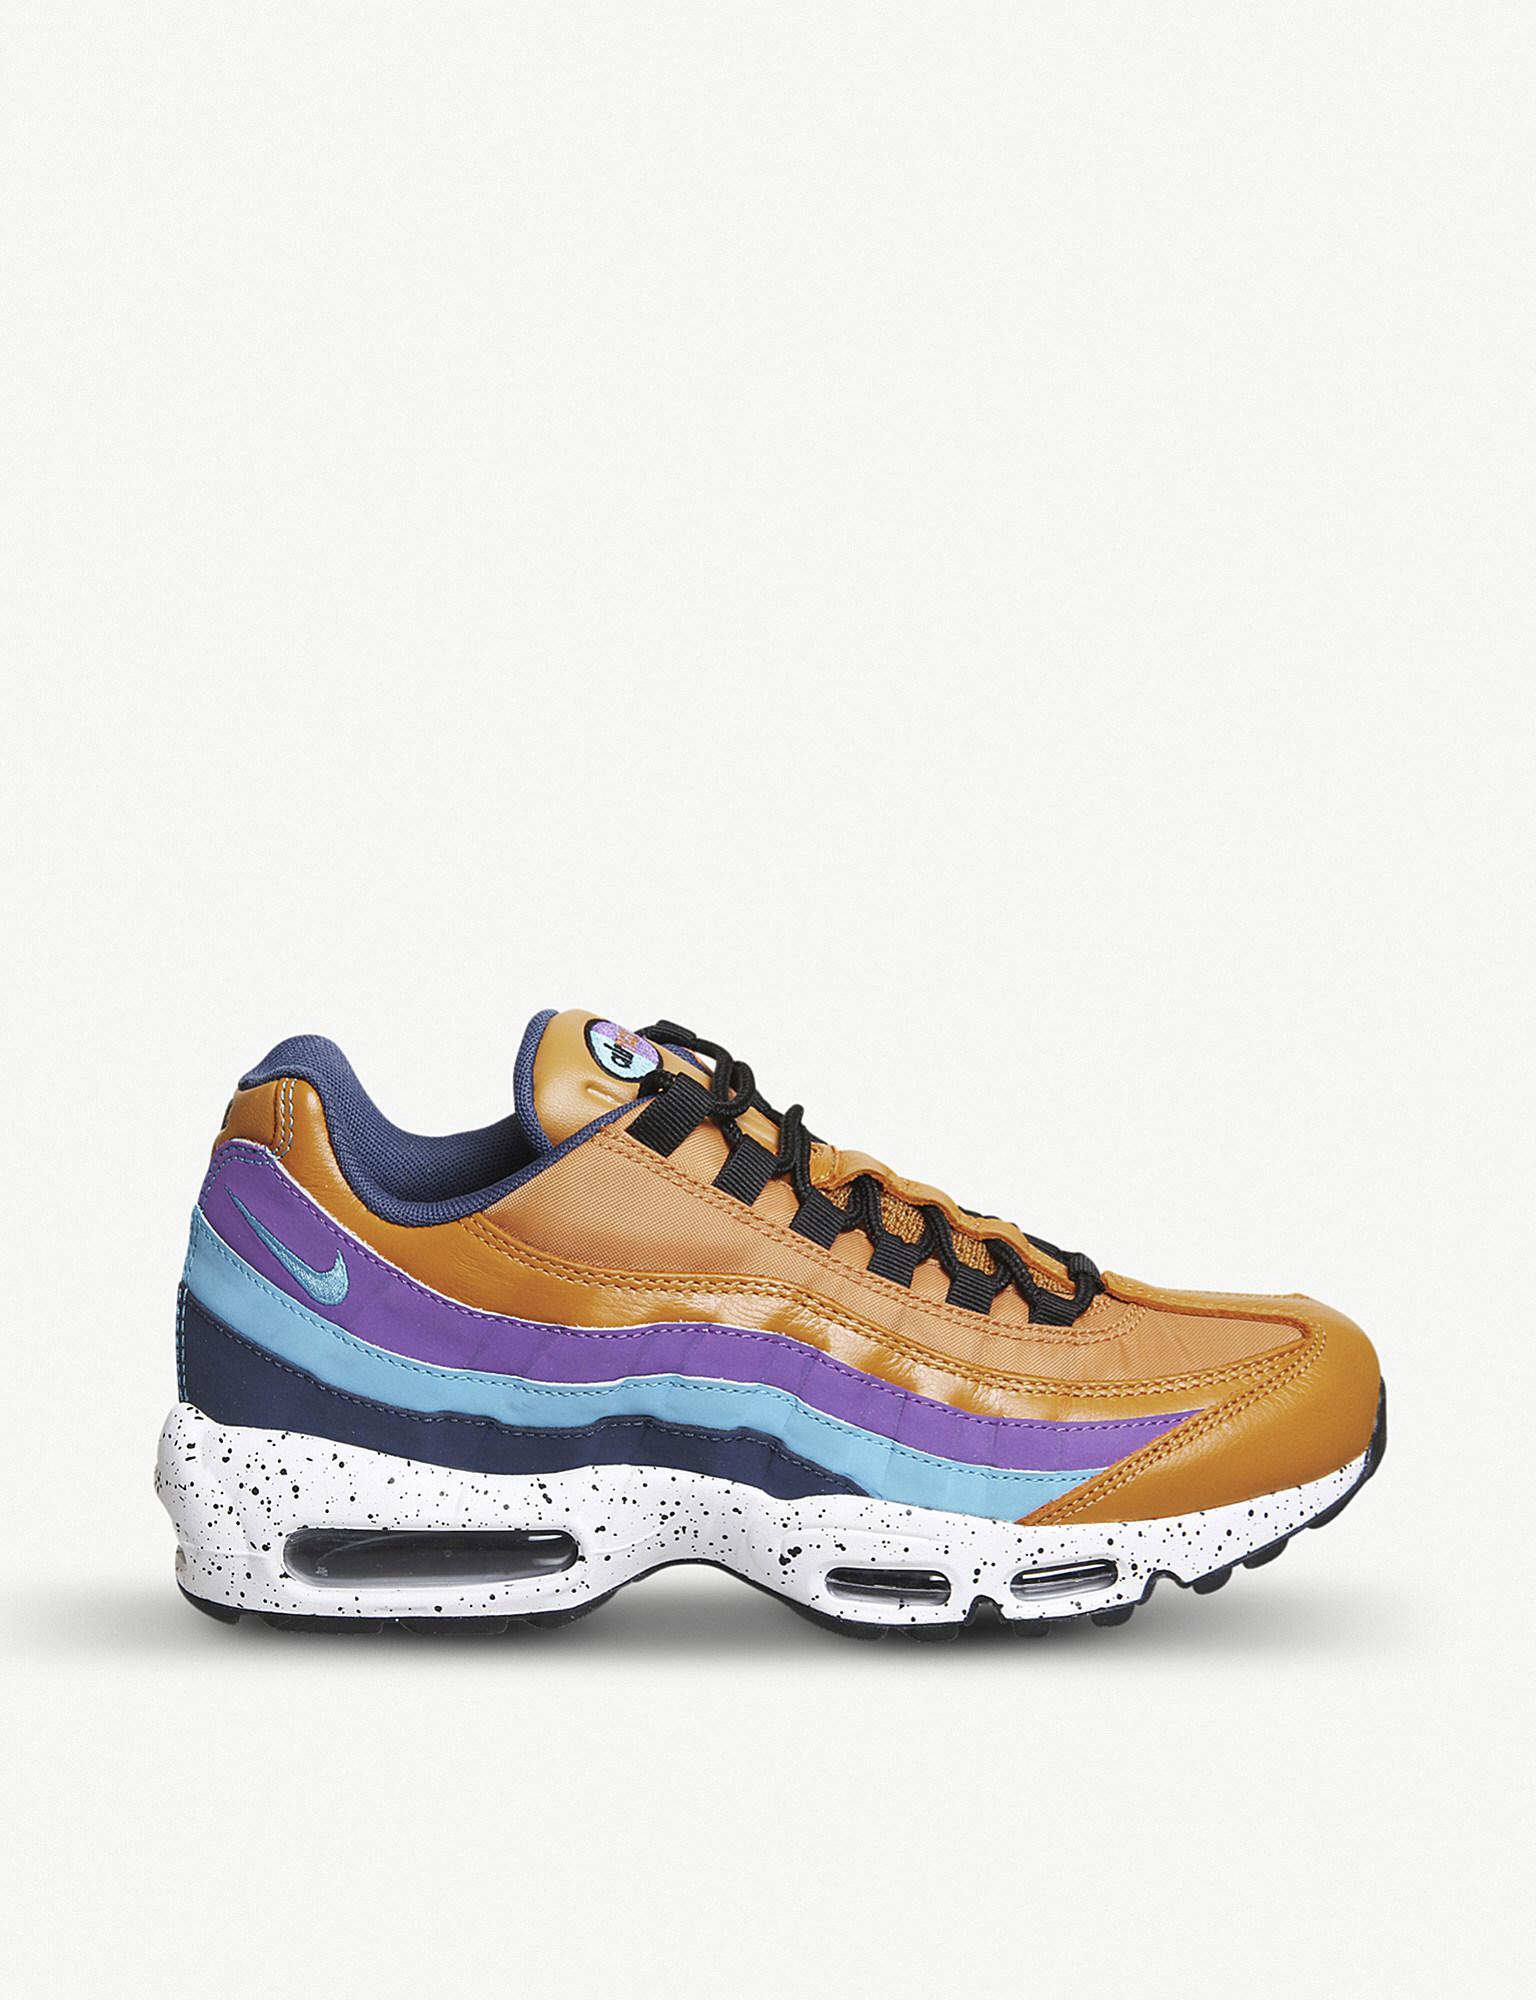 Cheap Men's Nike Air Max 95 Shoes CreamWhiteYellowRed